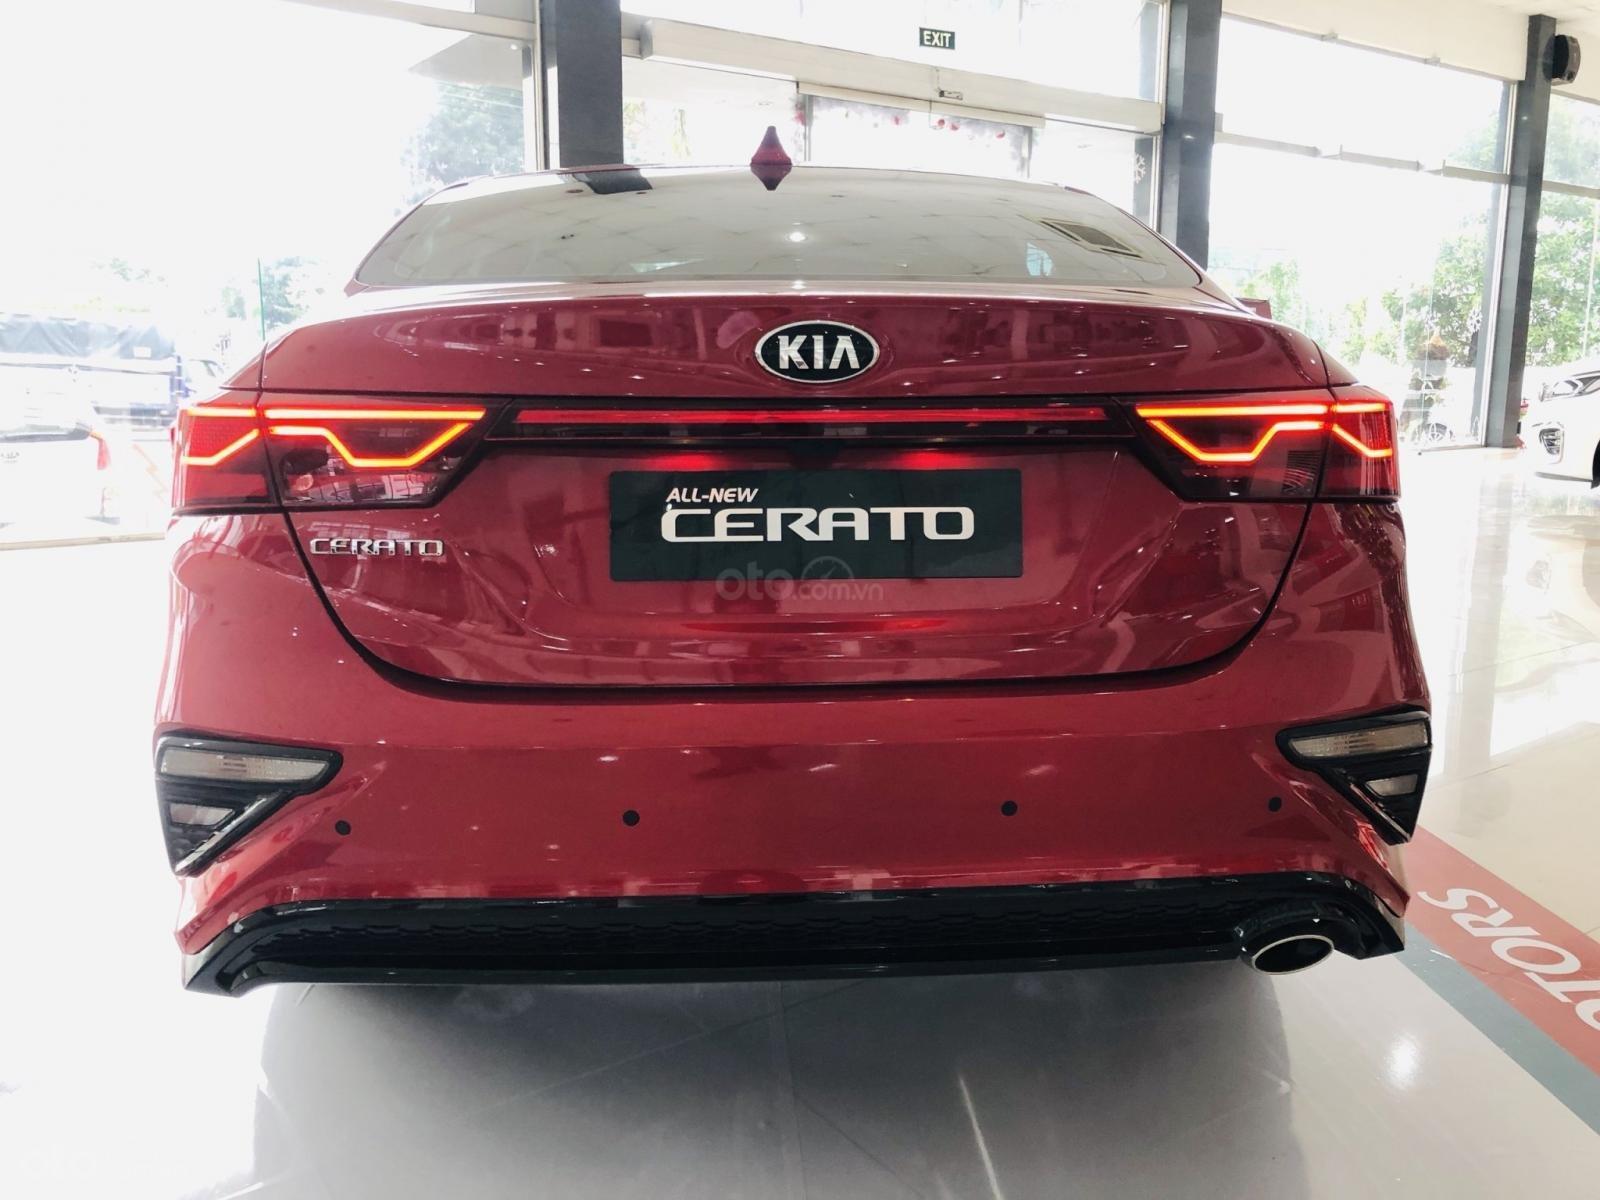 Kia Cerato 2019 giá tốt nhất và ưu đãi tiền mặt, xe có sẵn và giao ngay, hỗ trợ trả góp, liên hệ 0938 807 801 (3)